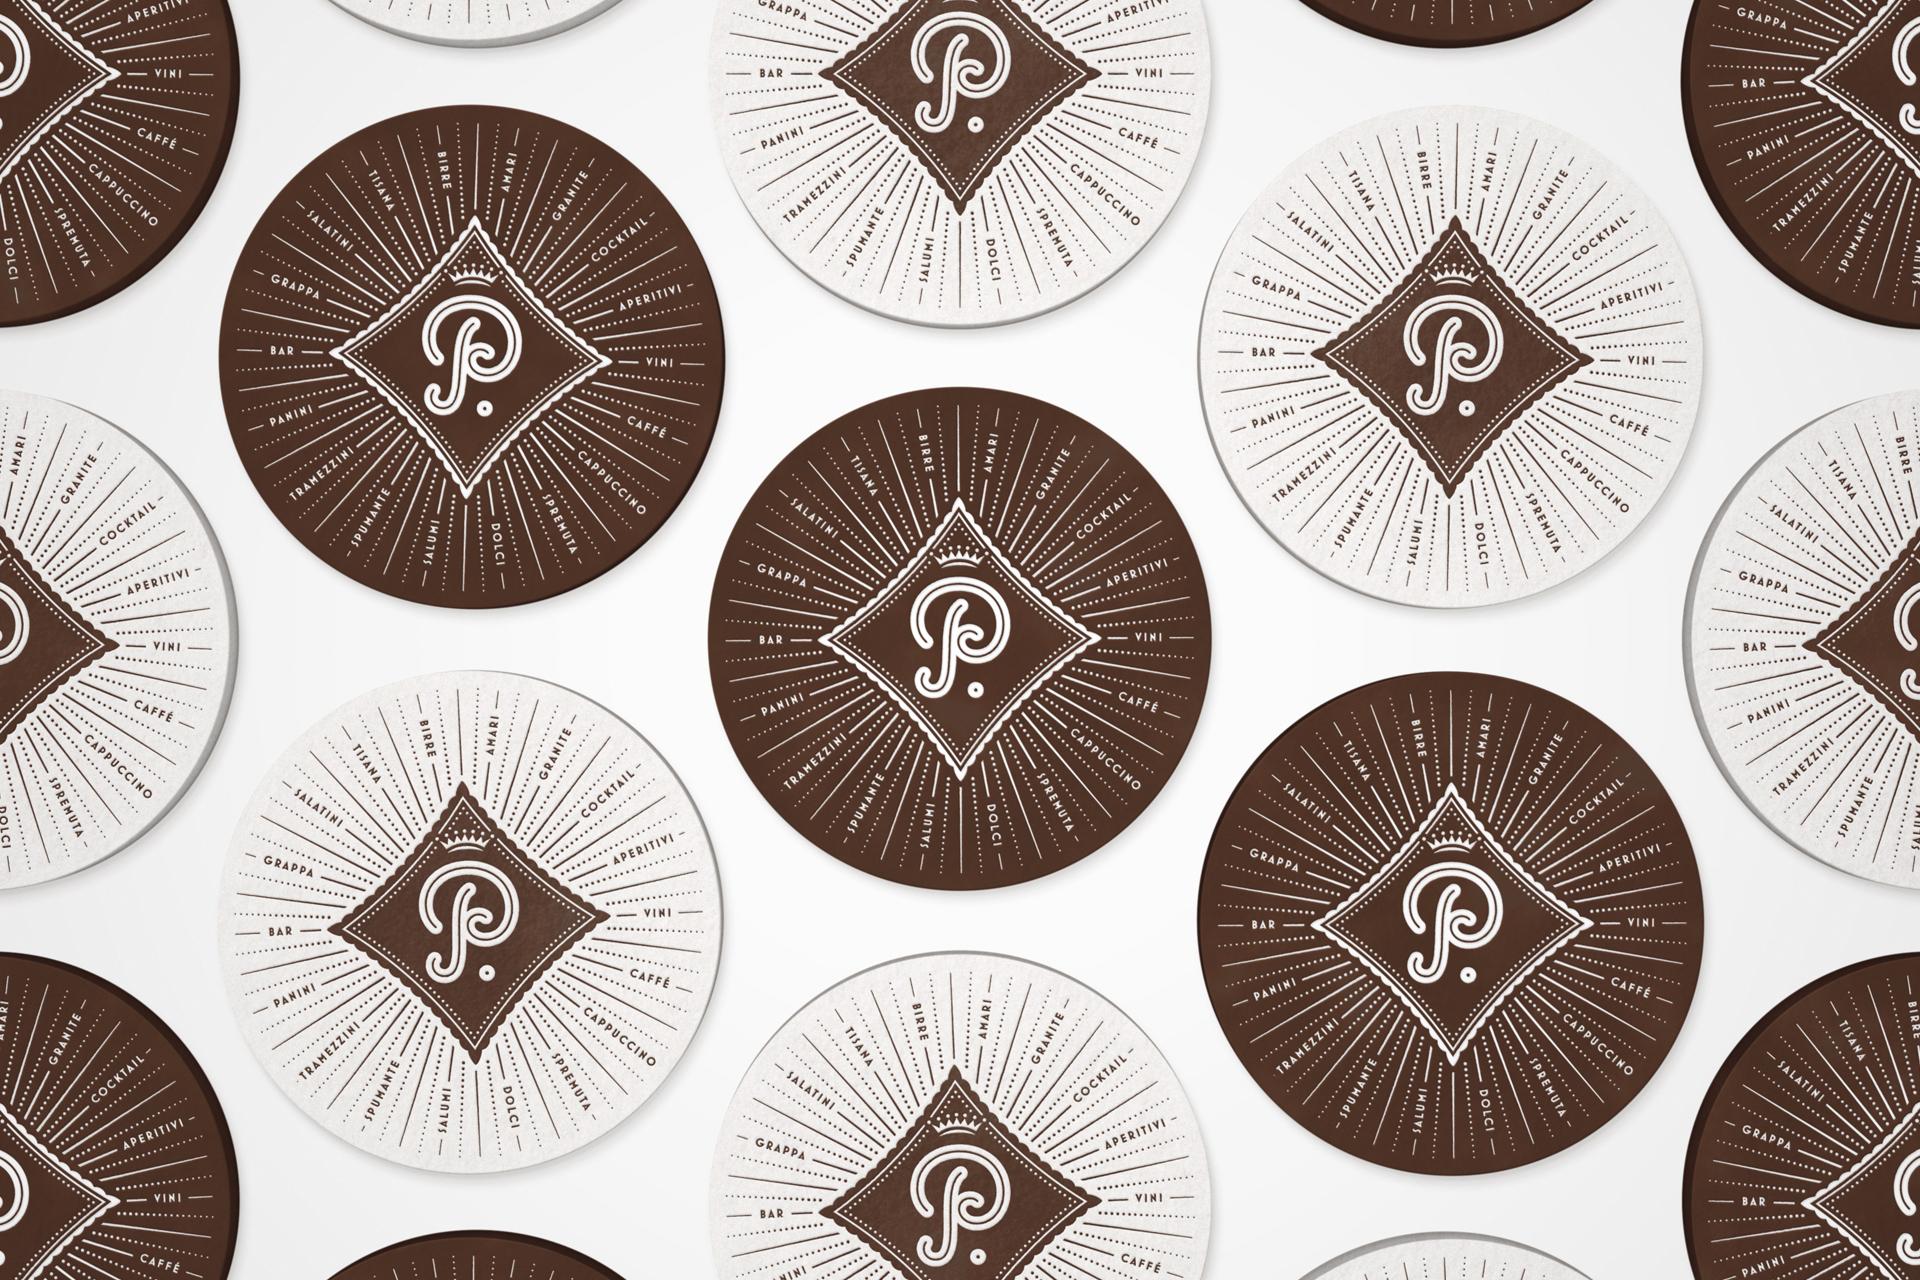 Pisellino_Coasters_01_72dpi.jpg